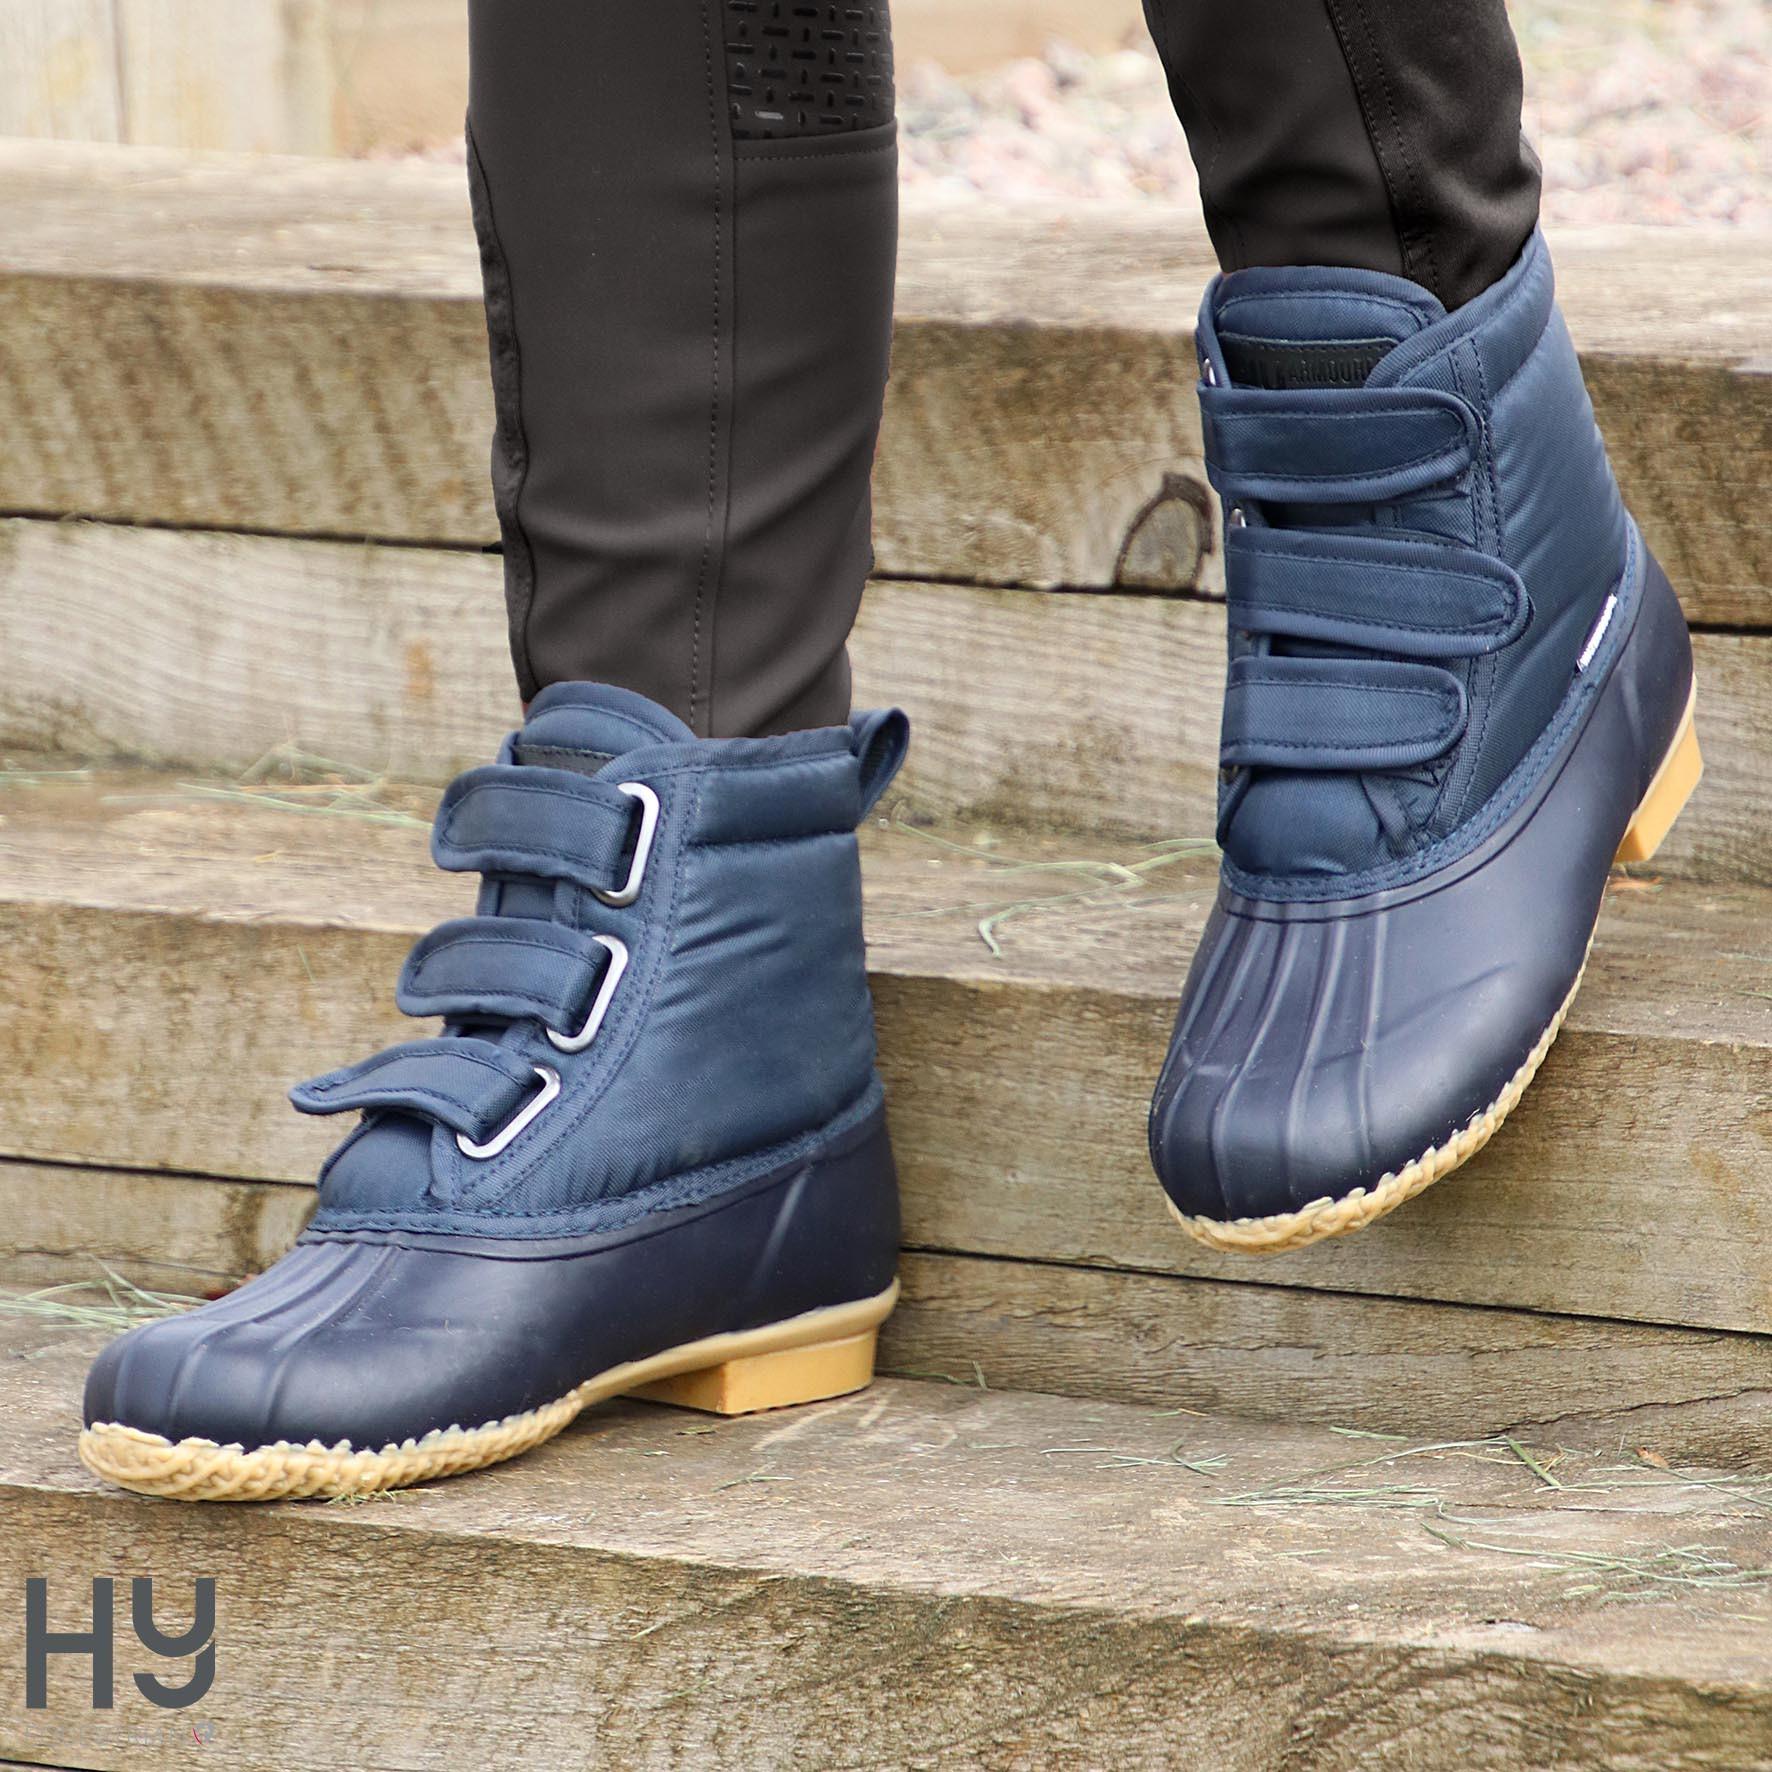 HyLAND Children's Muck Boots